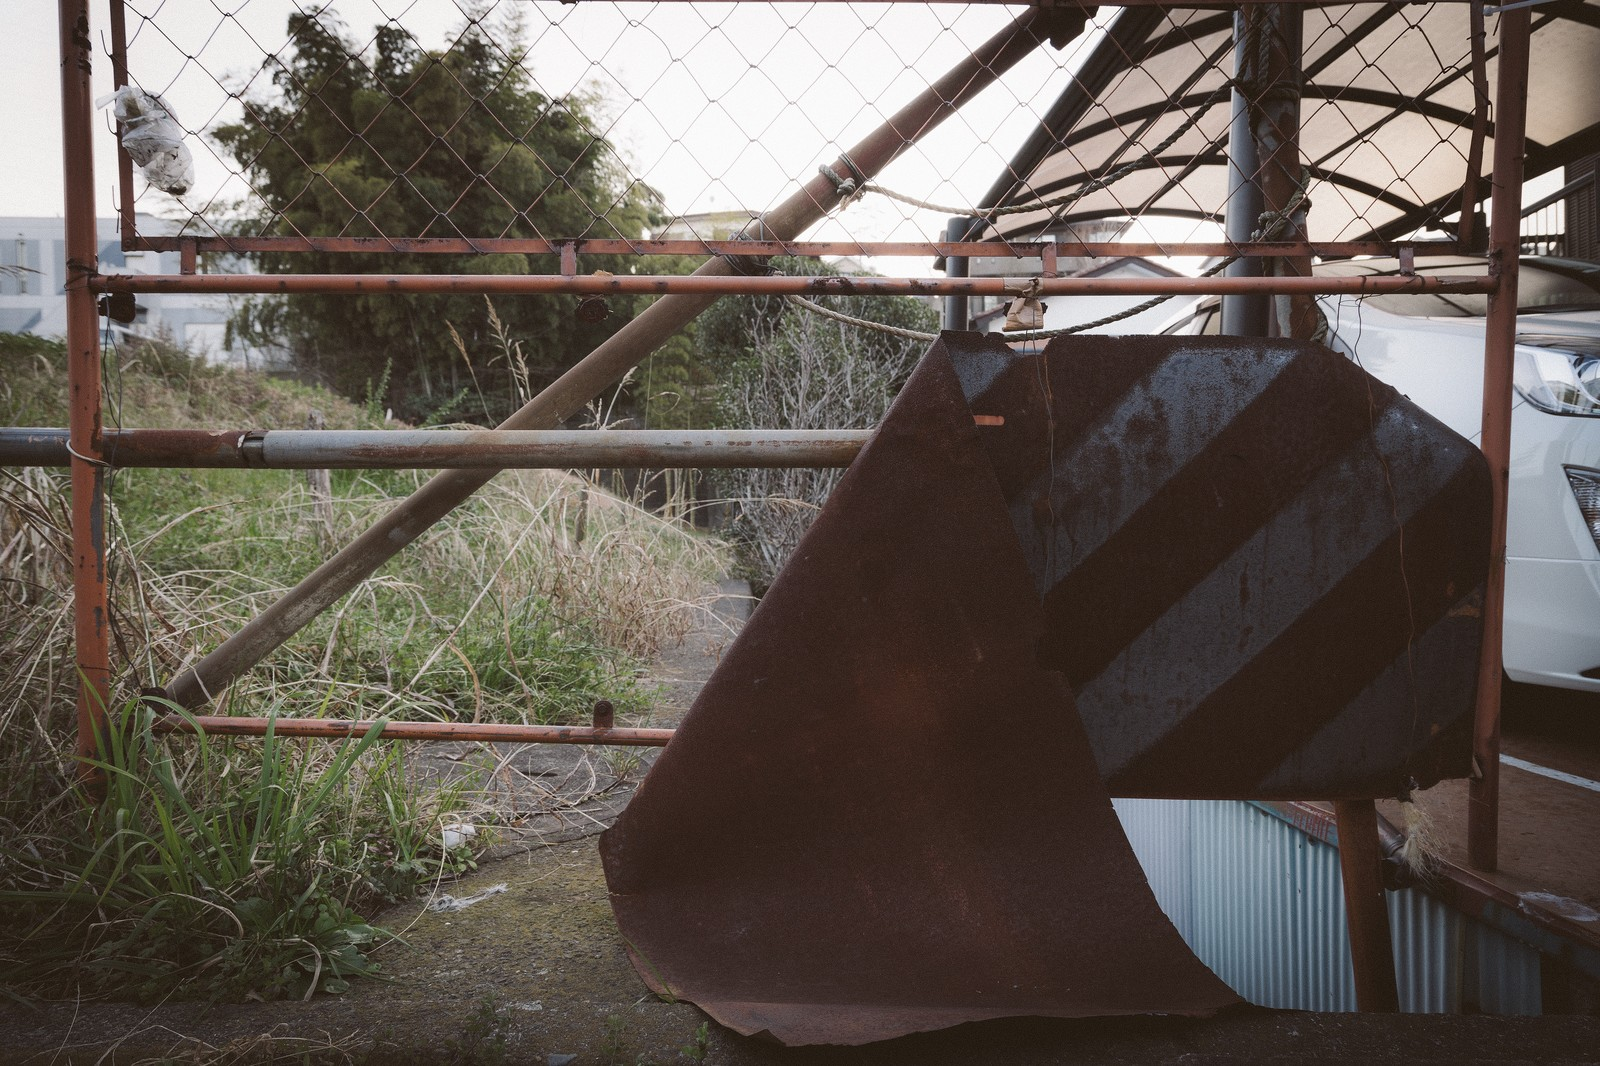 「錆びて朽ち果てた進入禁止錆びて朽ち果てた進入禁止」のフリー写真素材を拡大